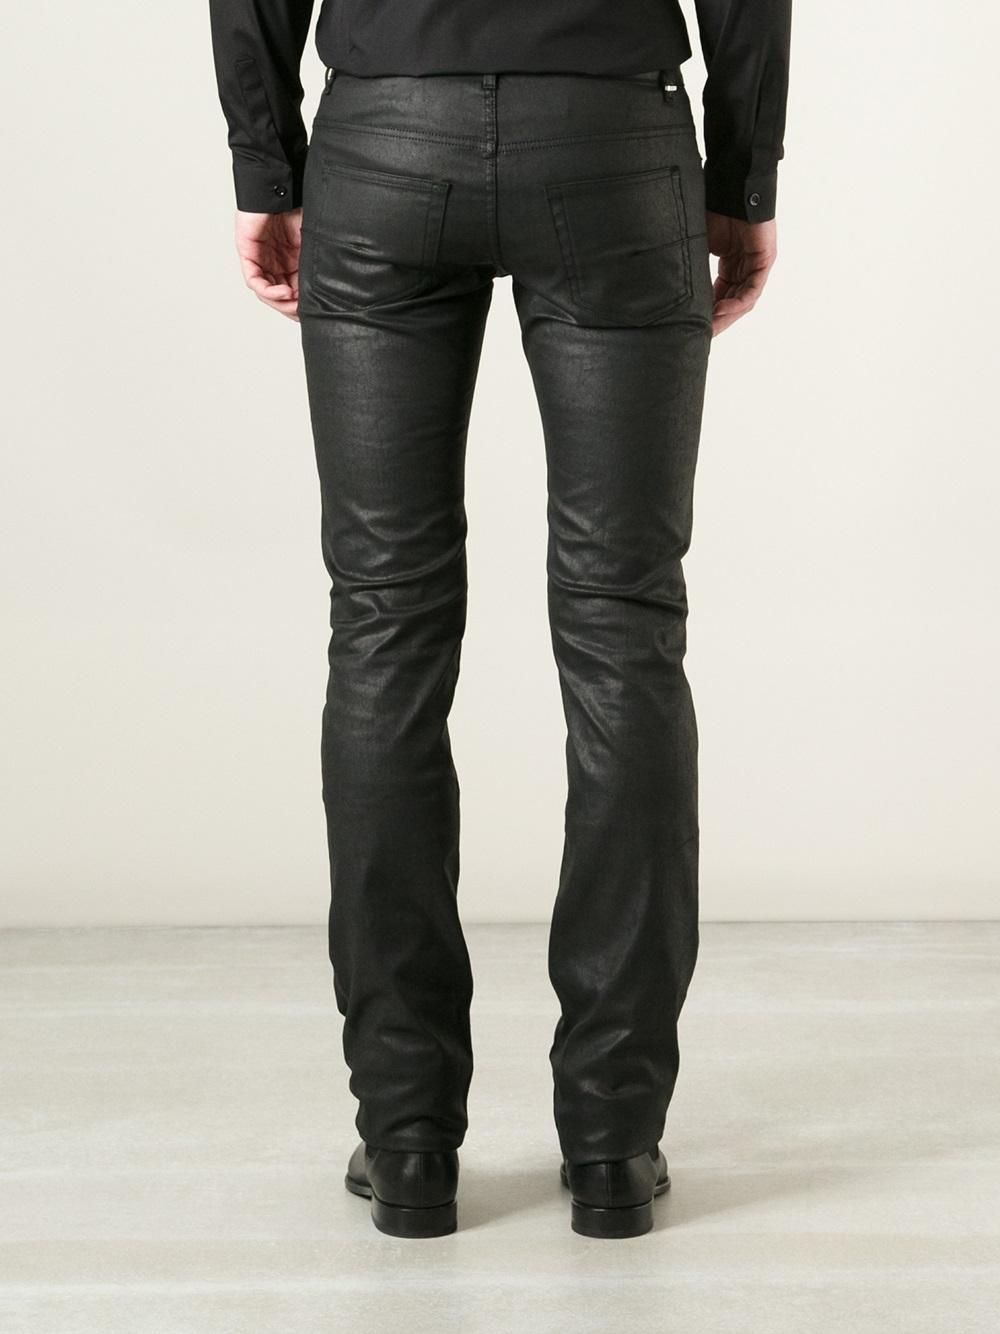 Denim Jeans For Men Cheap